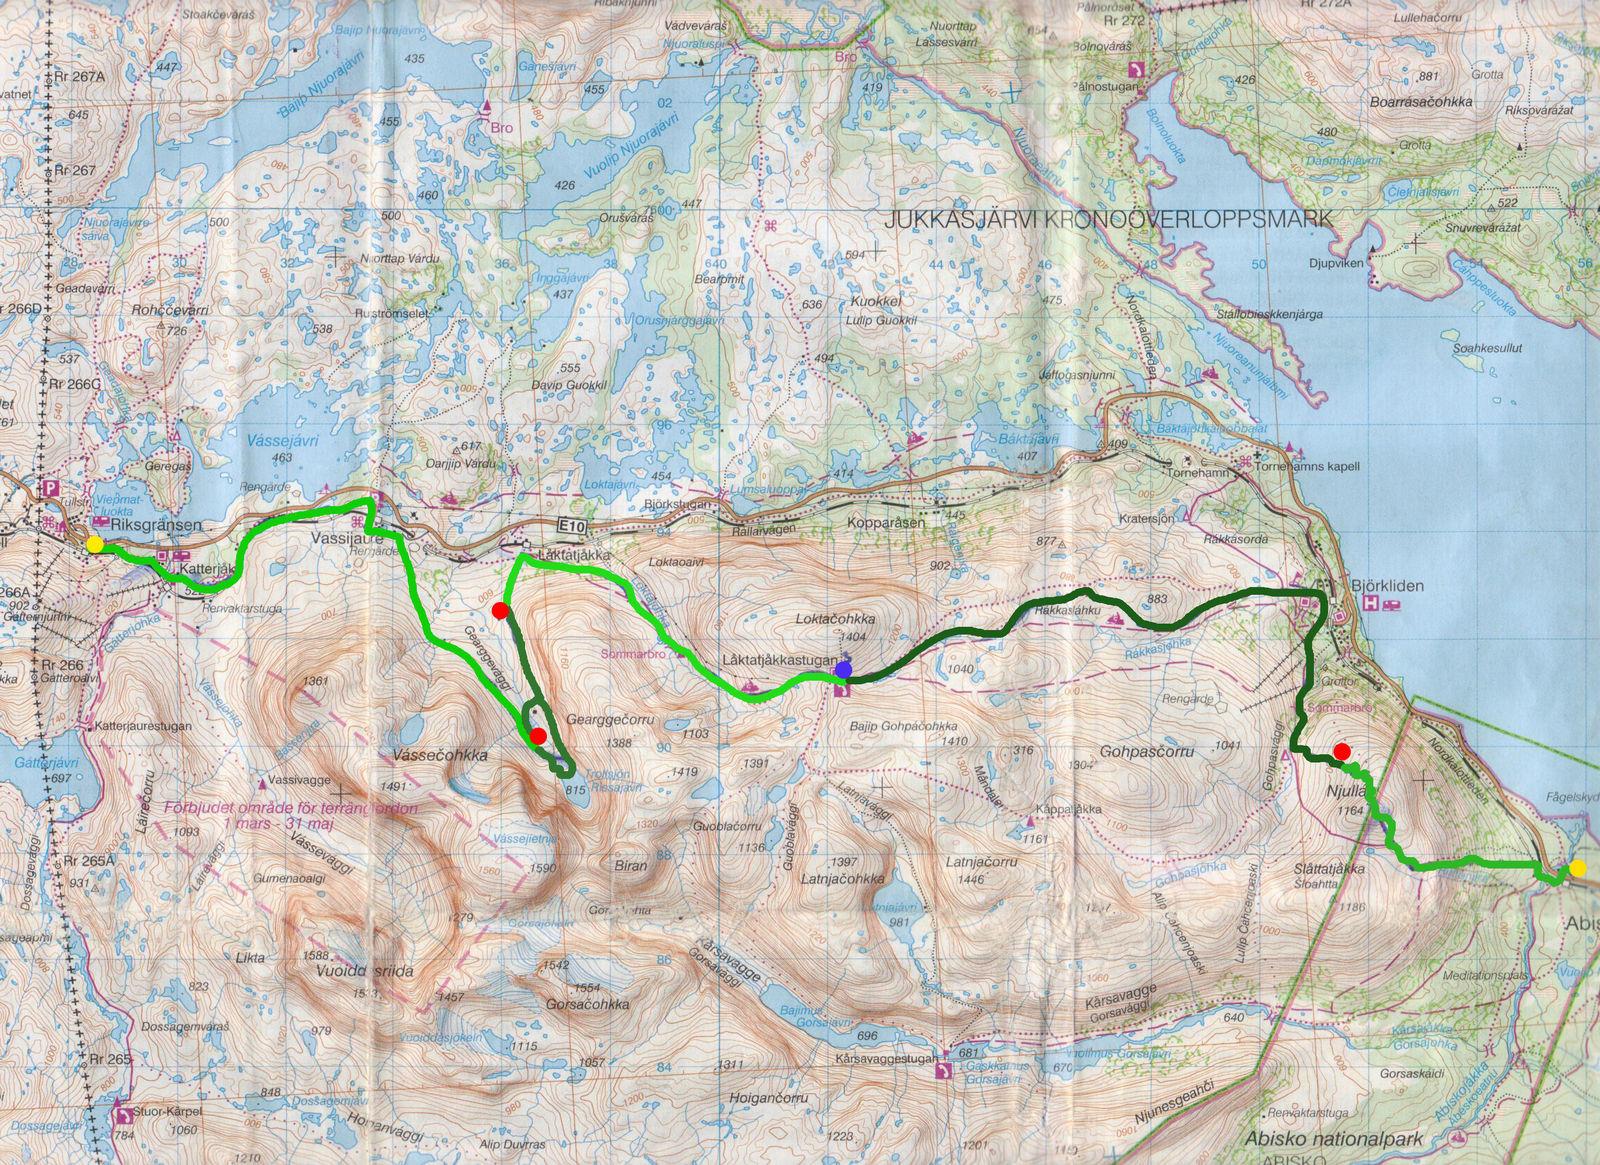 Karta Riksgransen Abisko.Riksgransen To Abisko By Rissajaure Och Lakktatjokka Mountainlodge